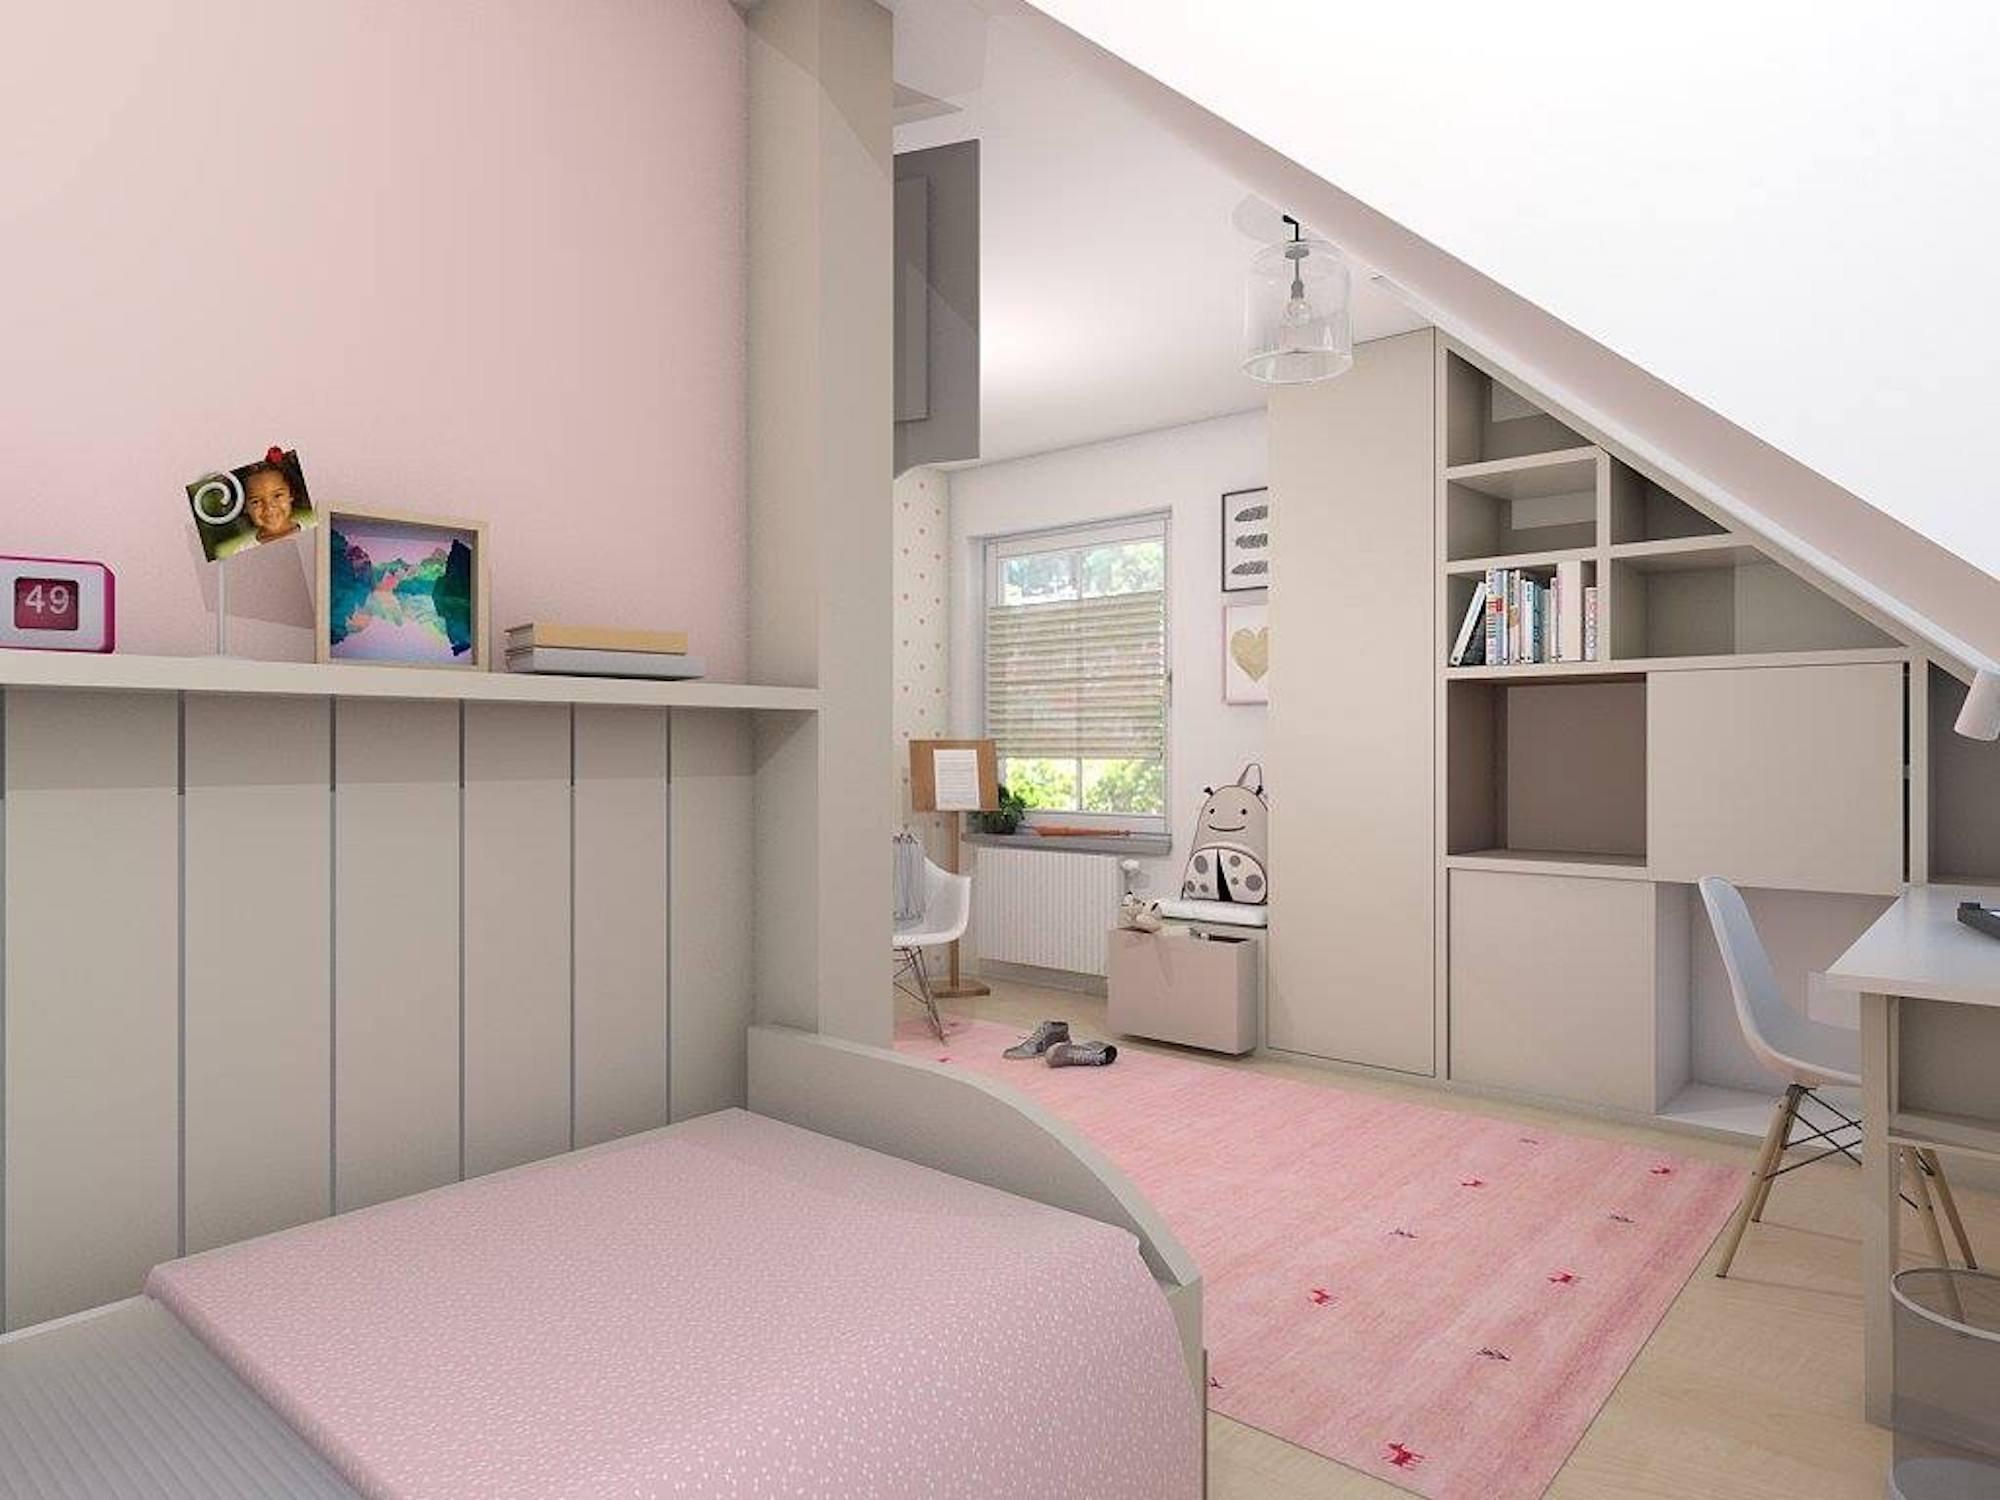 Návrh dětského pokoje pro děvče počítá s nábytkem na zakázku. Byl tak ideálně využit prostor se zkoseným stropem a bylo možné vyhovět požadavku na světlé barvy v interiéru - Vizualizace: Beladesign